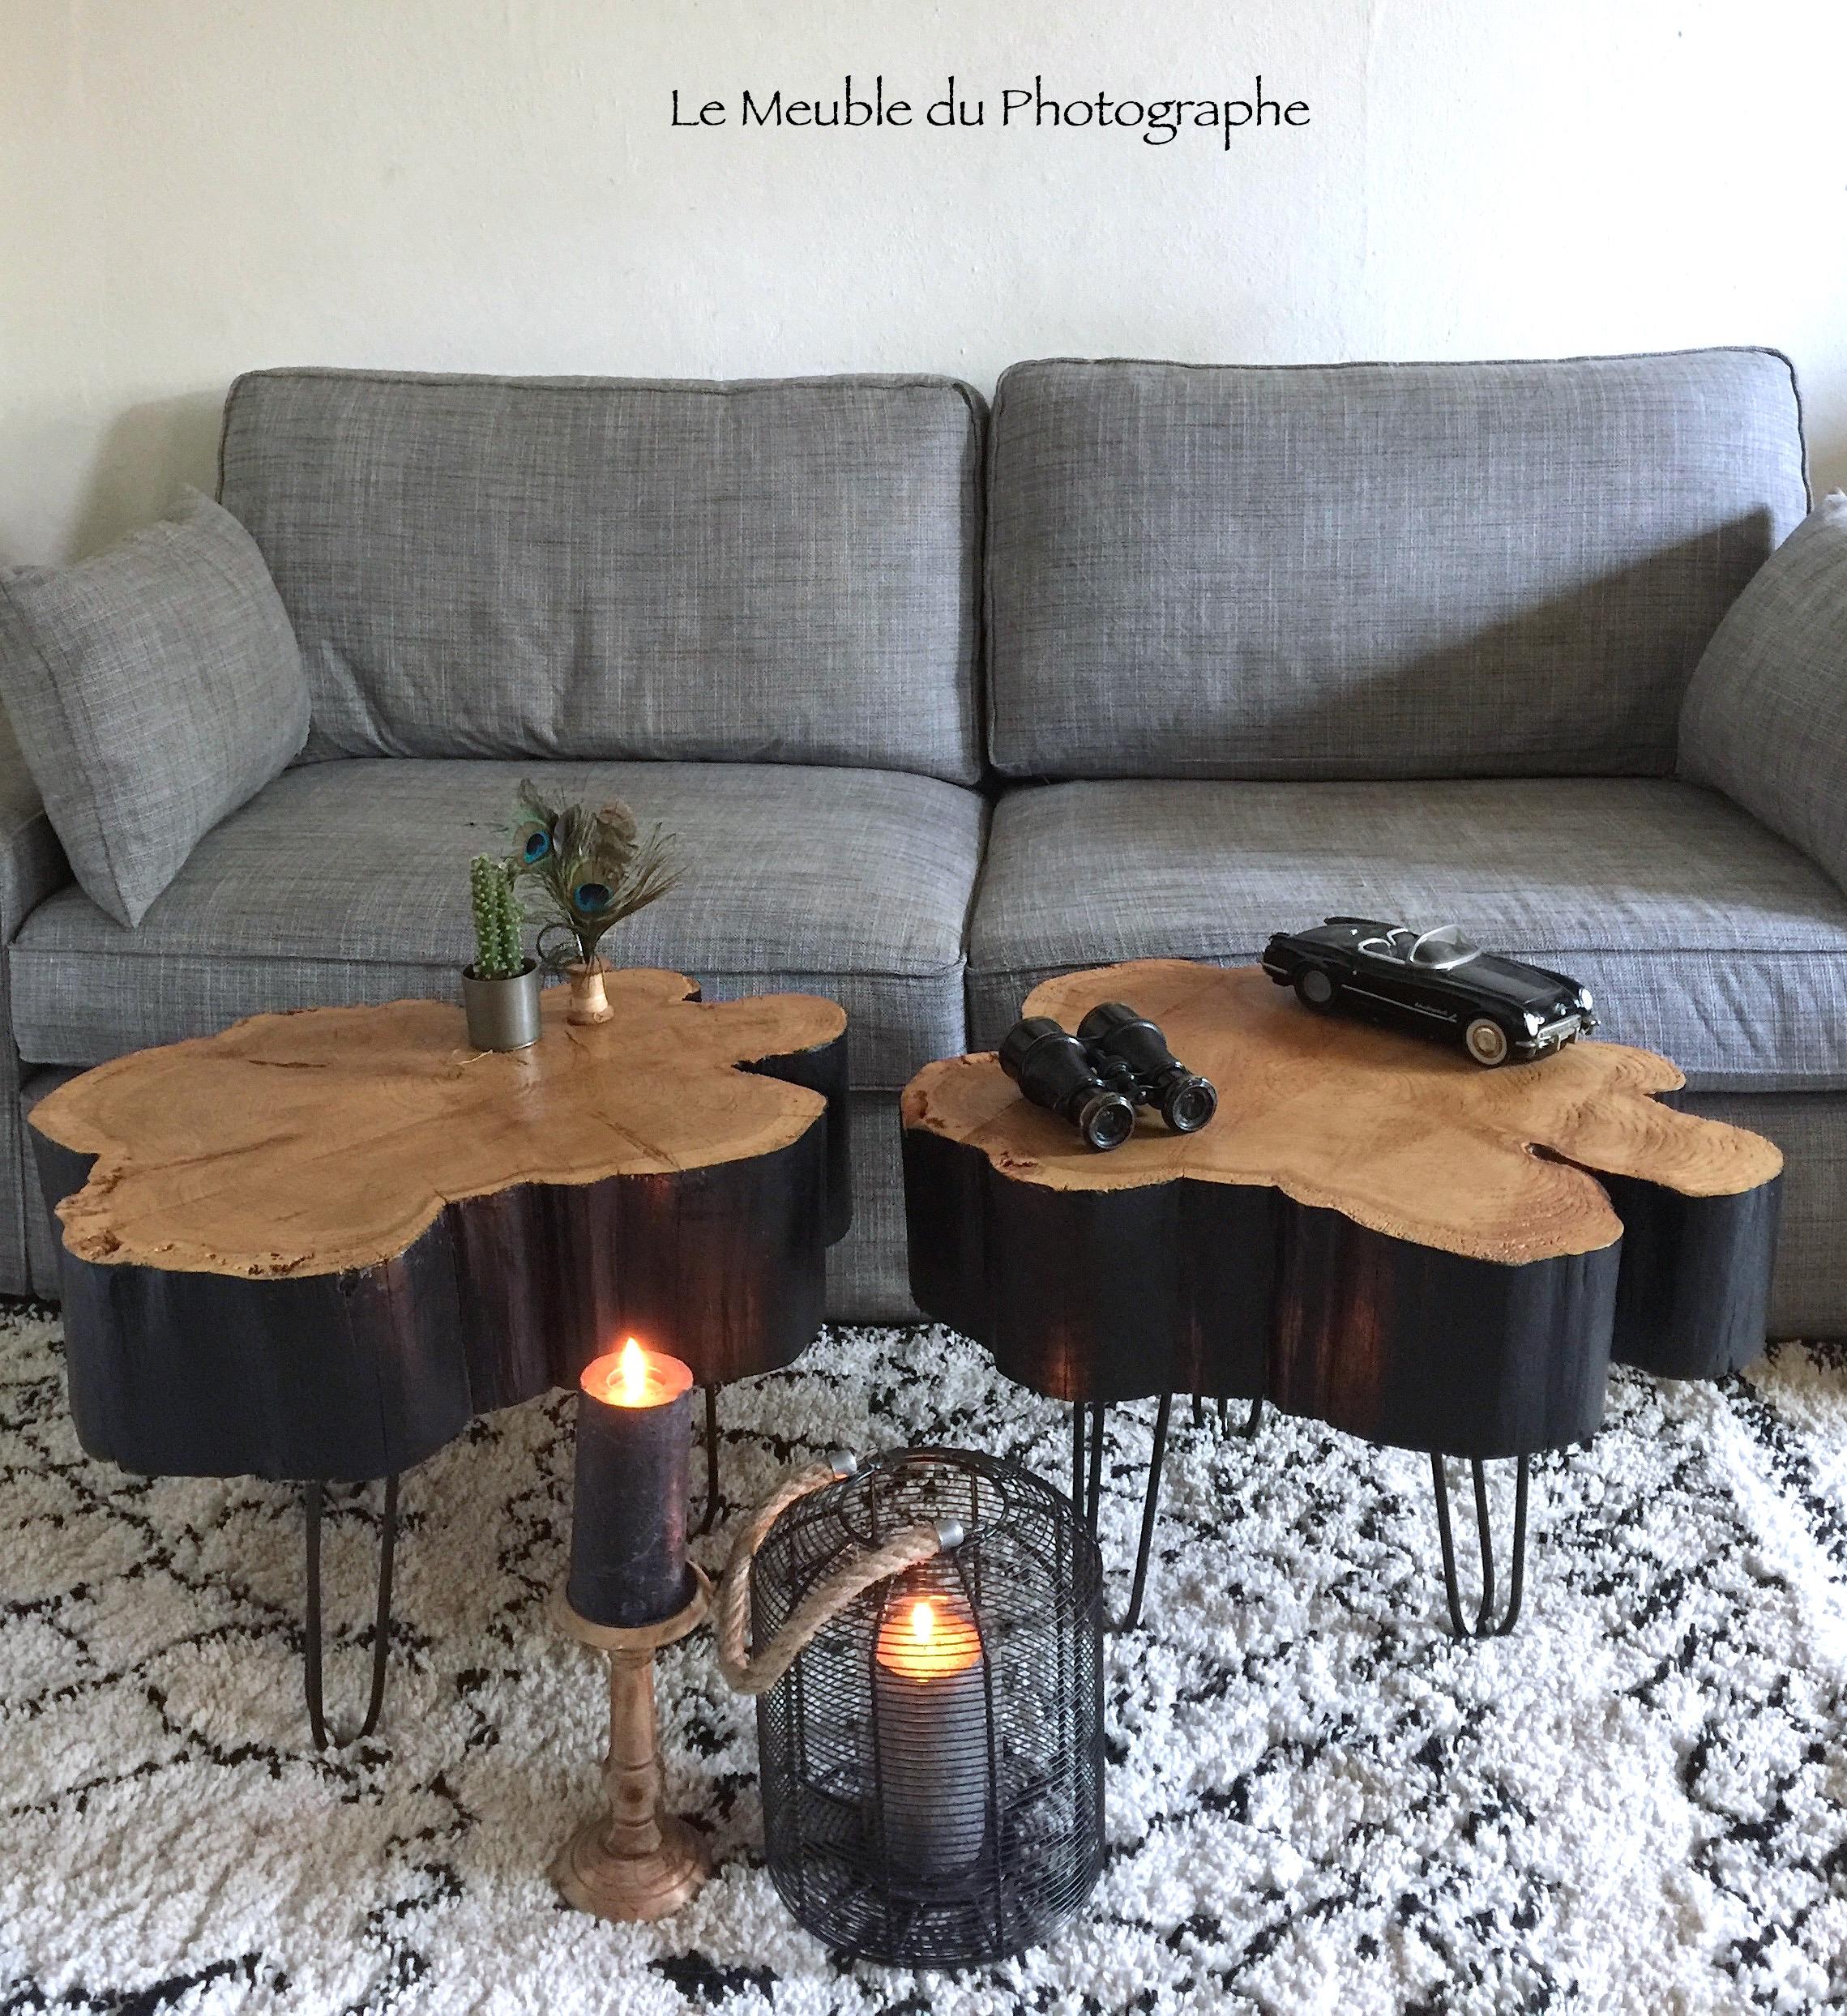 table basse rondin amazing table basse originale en bois unique deco en bois avec diy fabriquer. Black Bedroom Furniture Sets. Home Design Ideas